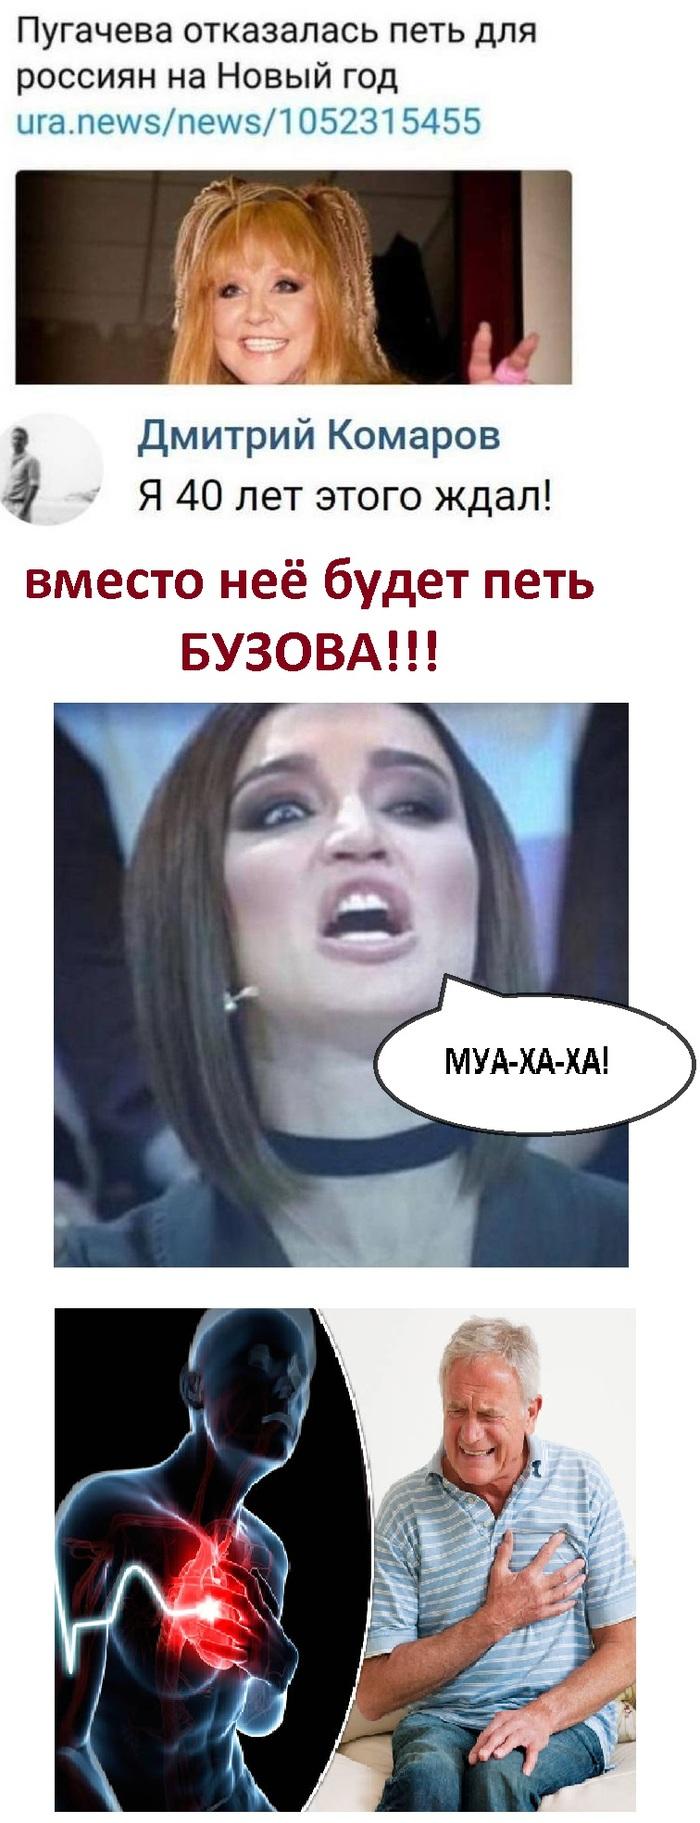 Не радуйтесь преждевременно Юмор, Пугачева, Бузова, Инфаркт, Длиннопост